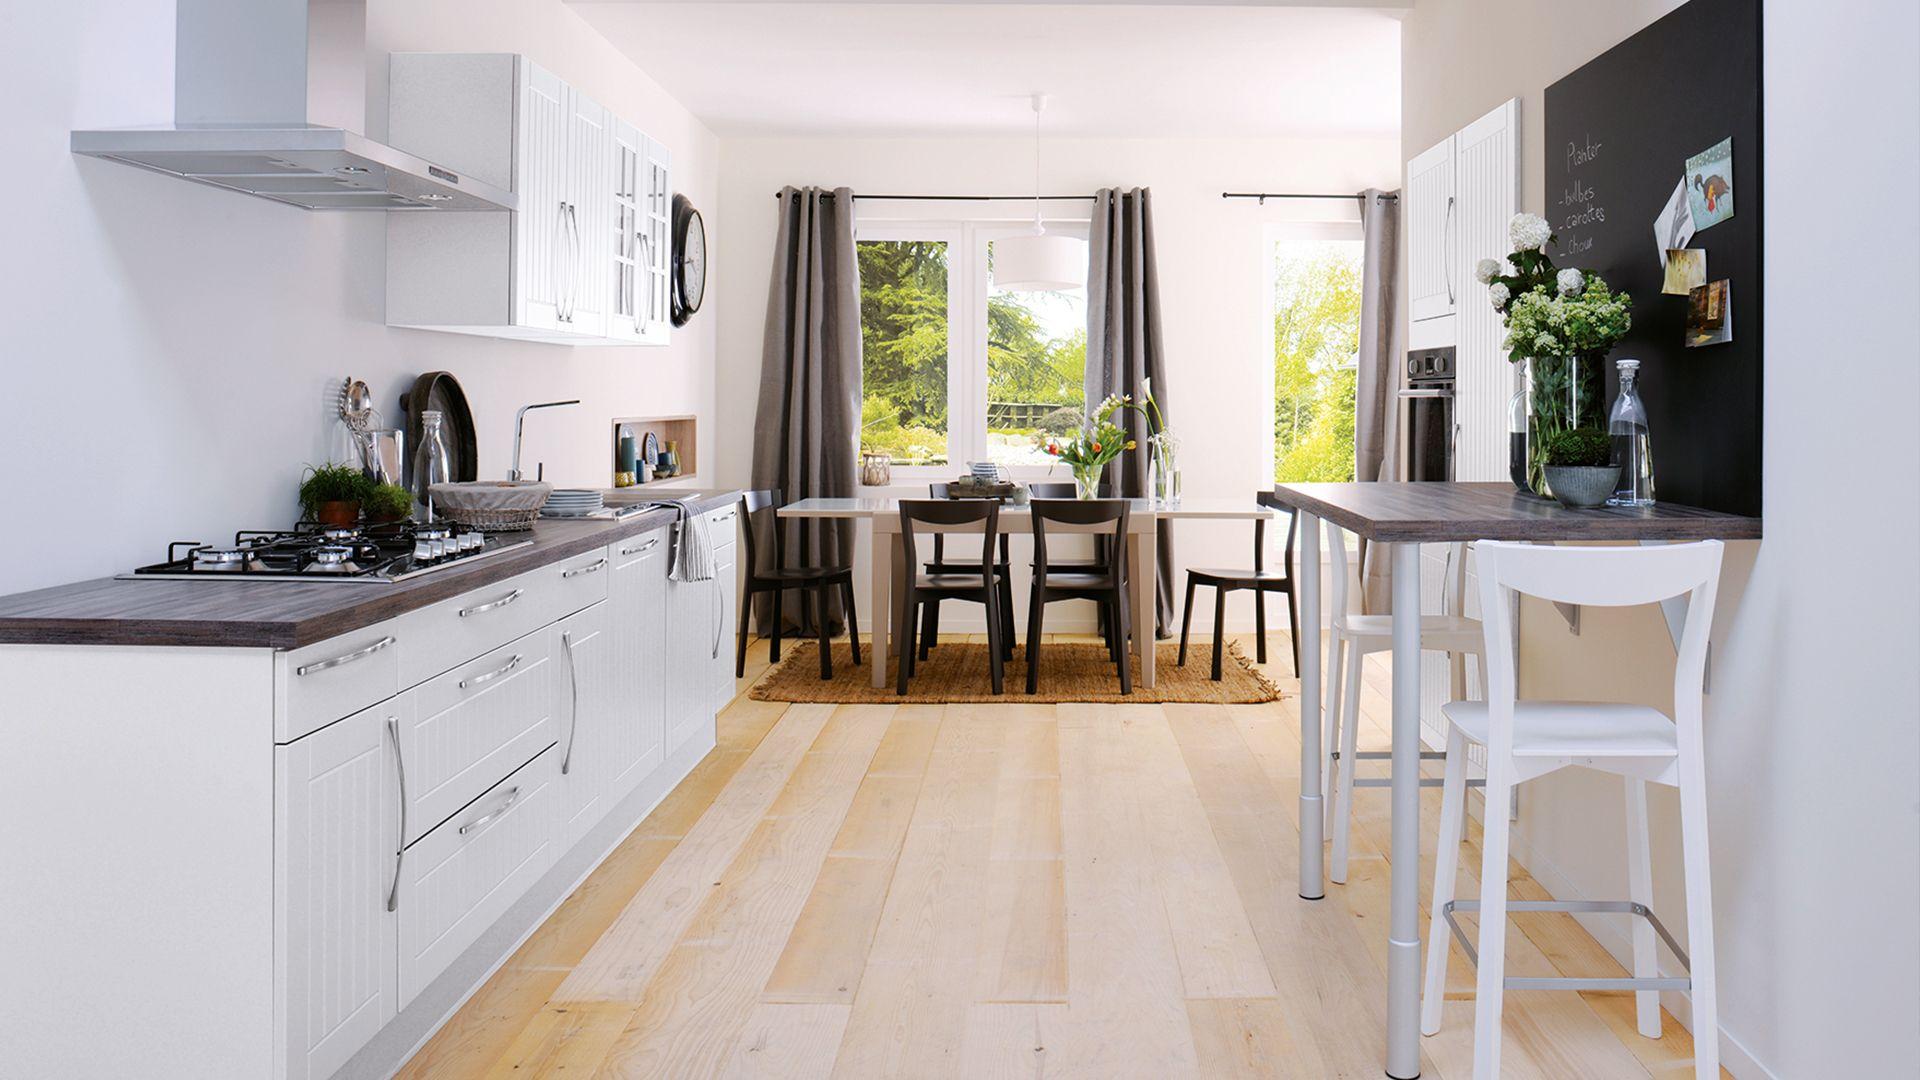 cuisine quip e matea style classique blanc cuisinella my little castle pinterest. Black Bedroom Furniture Sets. Home Design Ideas